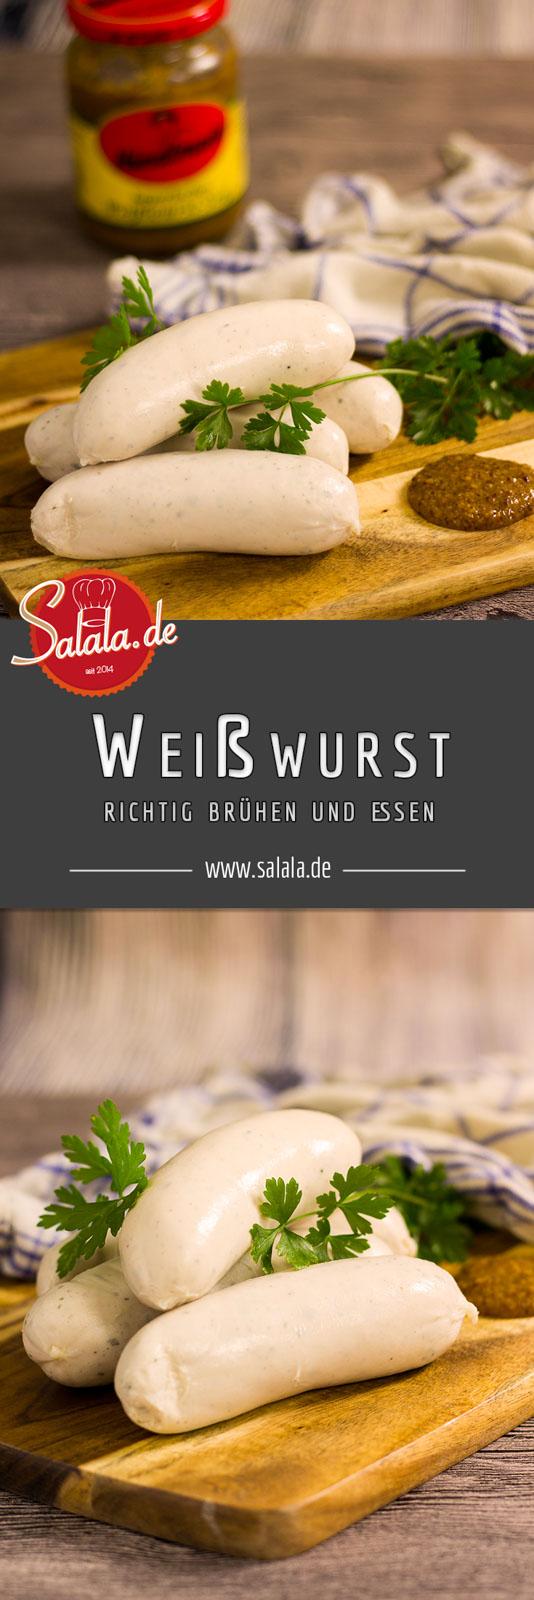 Weißwurst richtig brühen und essen zuzzeln aufschneiden abschneiden und essen - by salala.de